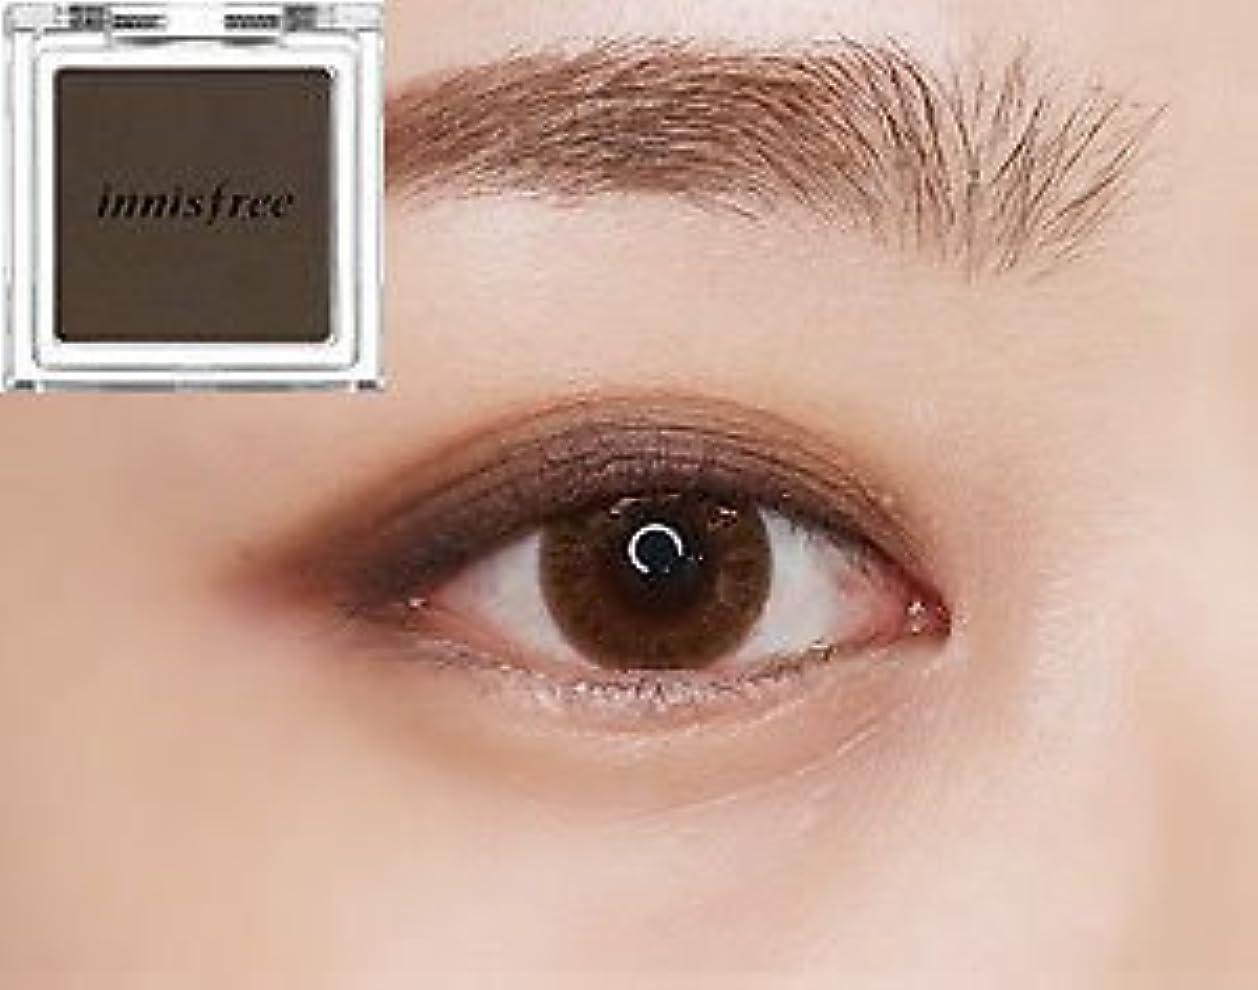 繁殖キャプテンブライ腹部[イニスフリー] innisfree [マイ パレット マイ アイシャドウ (マット) 40カラー] MY PALETTE My Eyeshadow (Matte) 40 Shades [海外直送品] (マット #22)